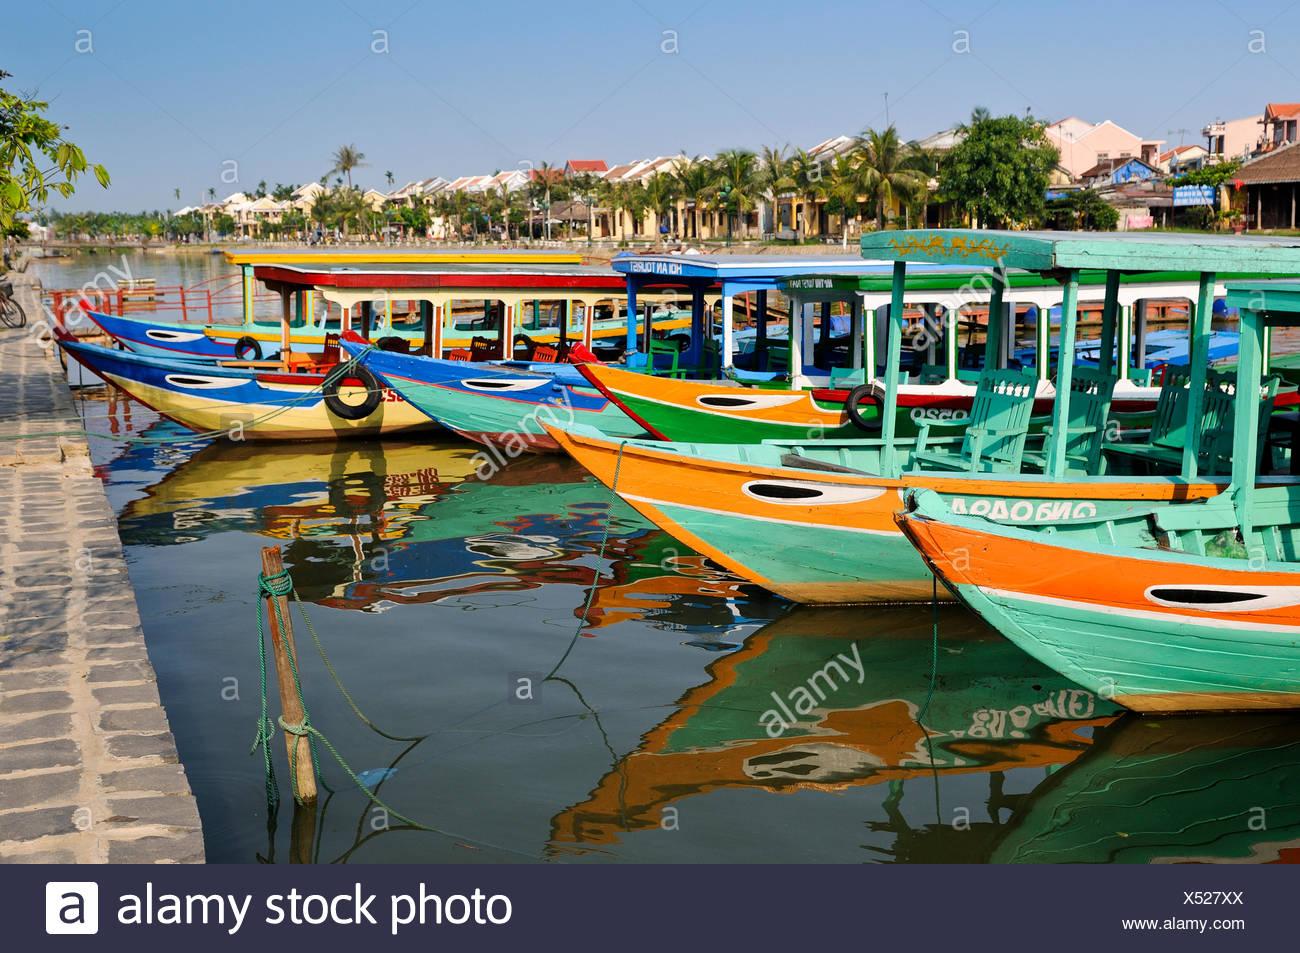 Les bateaux traditionnels sur la chanson de la rivière Thu Bon, Hoi An, Vietnam, Southeast Asia Photo Stock